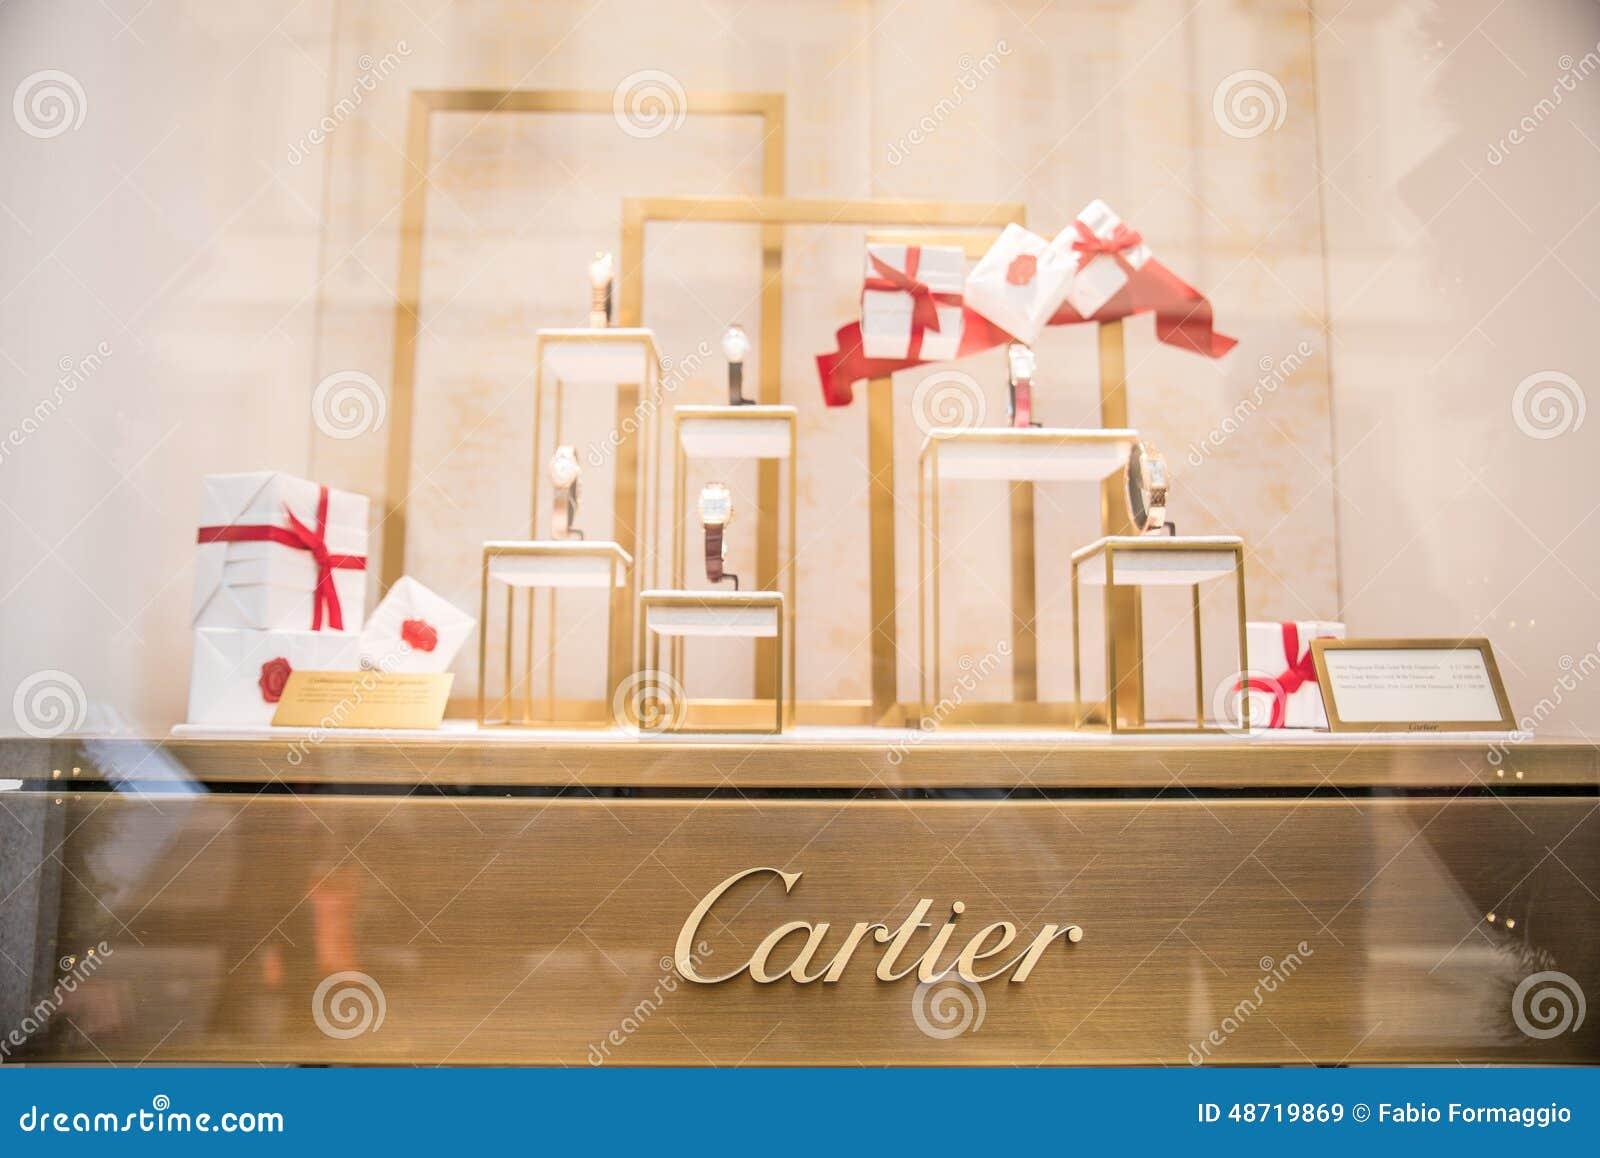 Cartier Christmas Cards